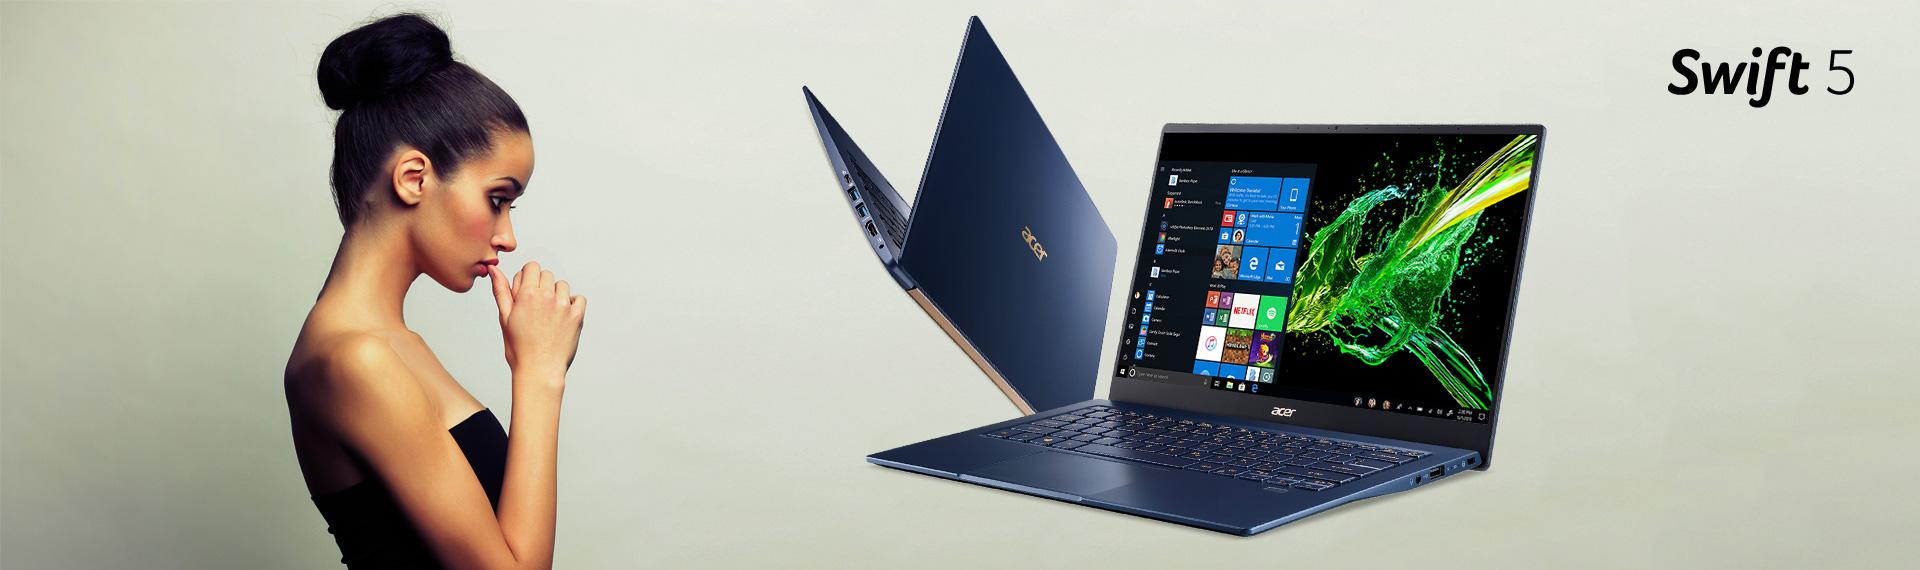 Swift 5 (SF514-53T), Andalan Kaum Urban yang Mendambakan Laptop Tipis dan Kuat